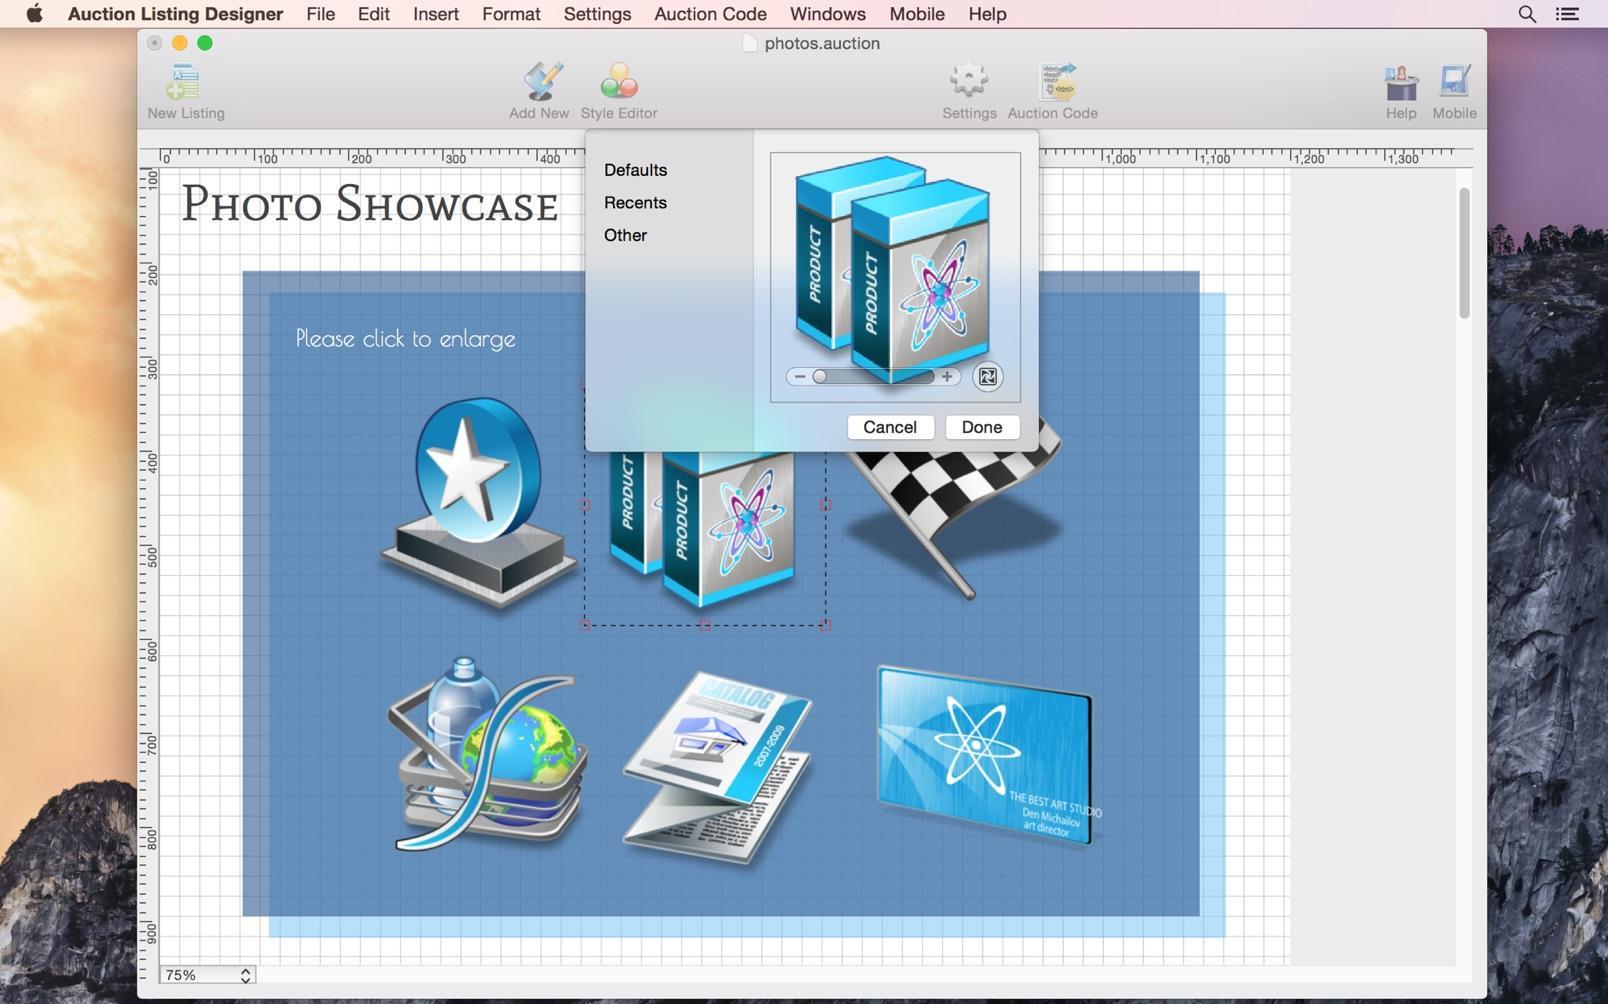 auction-listing-designer_2_14496.jpg